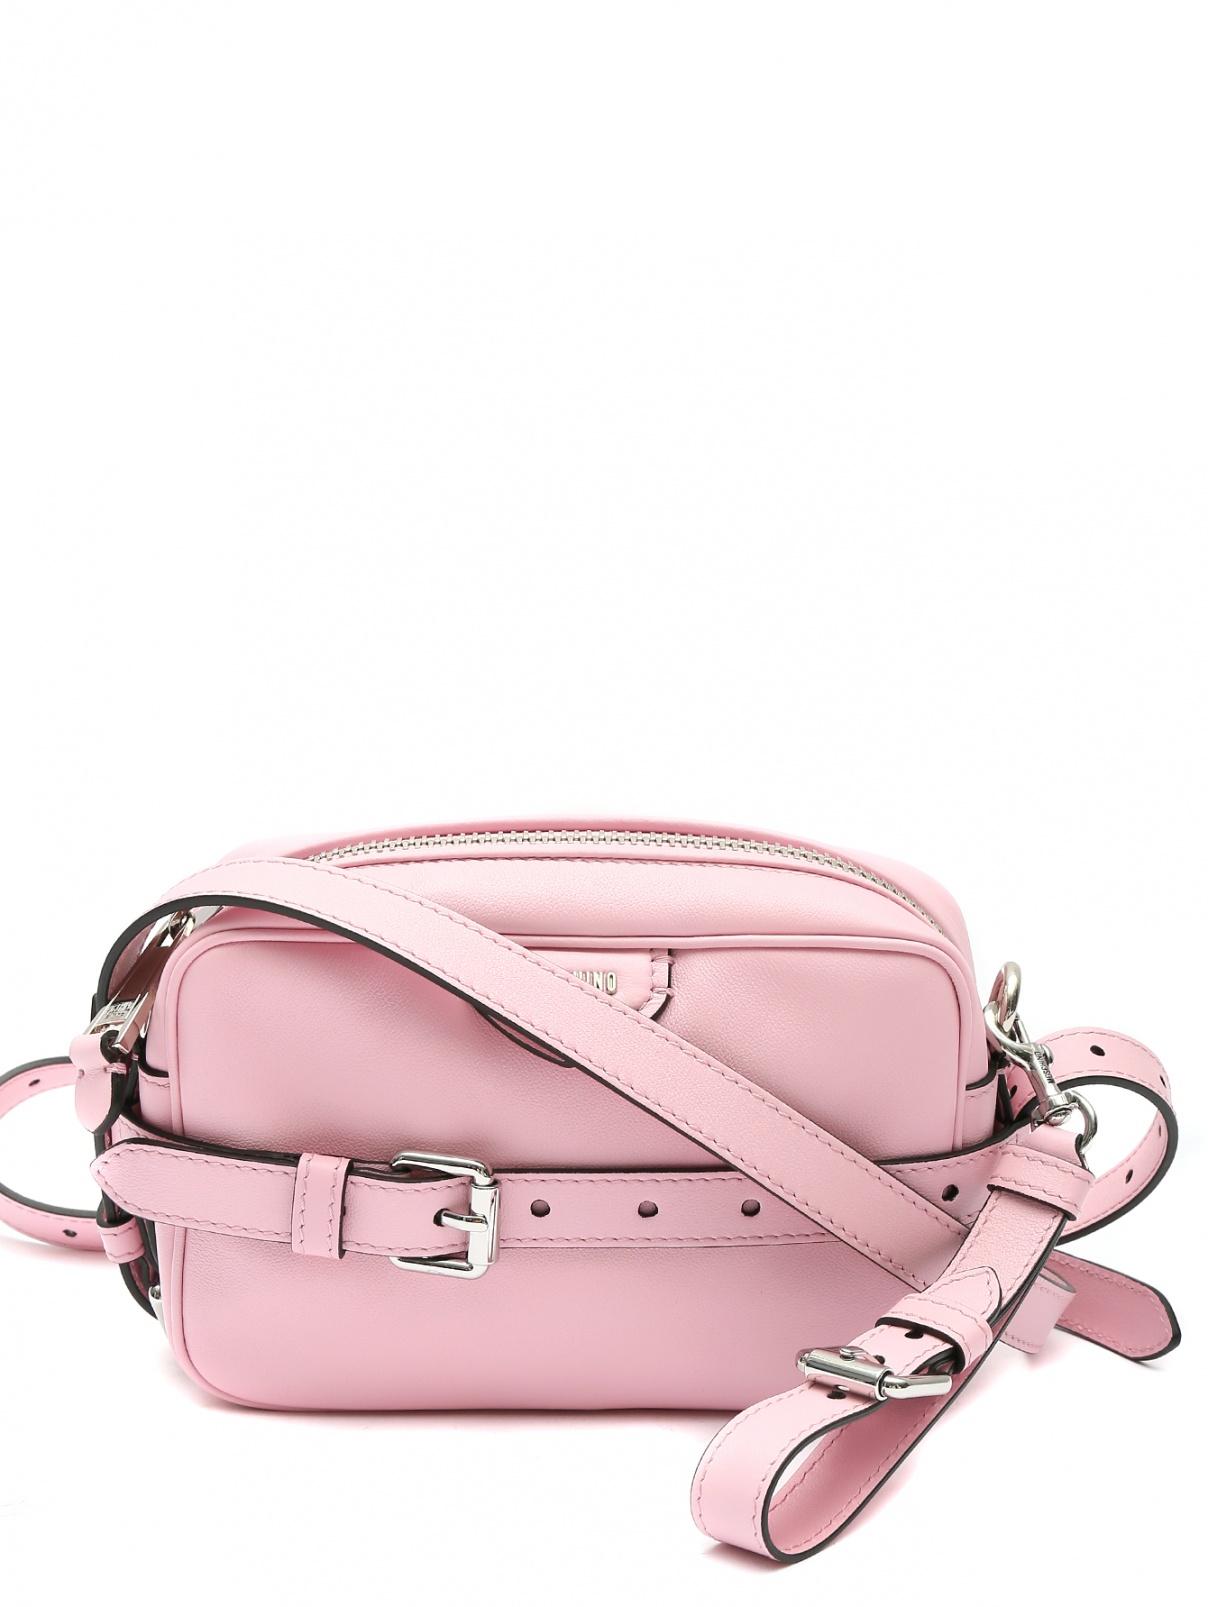 Сумка из кожи на плечевом ремне Moschino  –  Общий вид  – Цвет:  Розовый